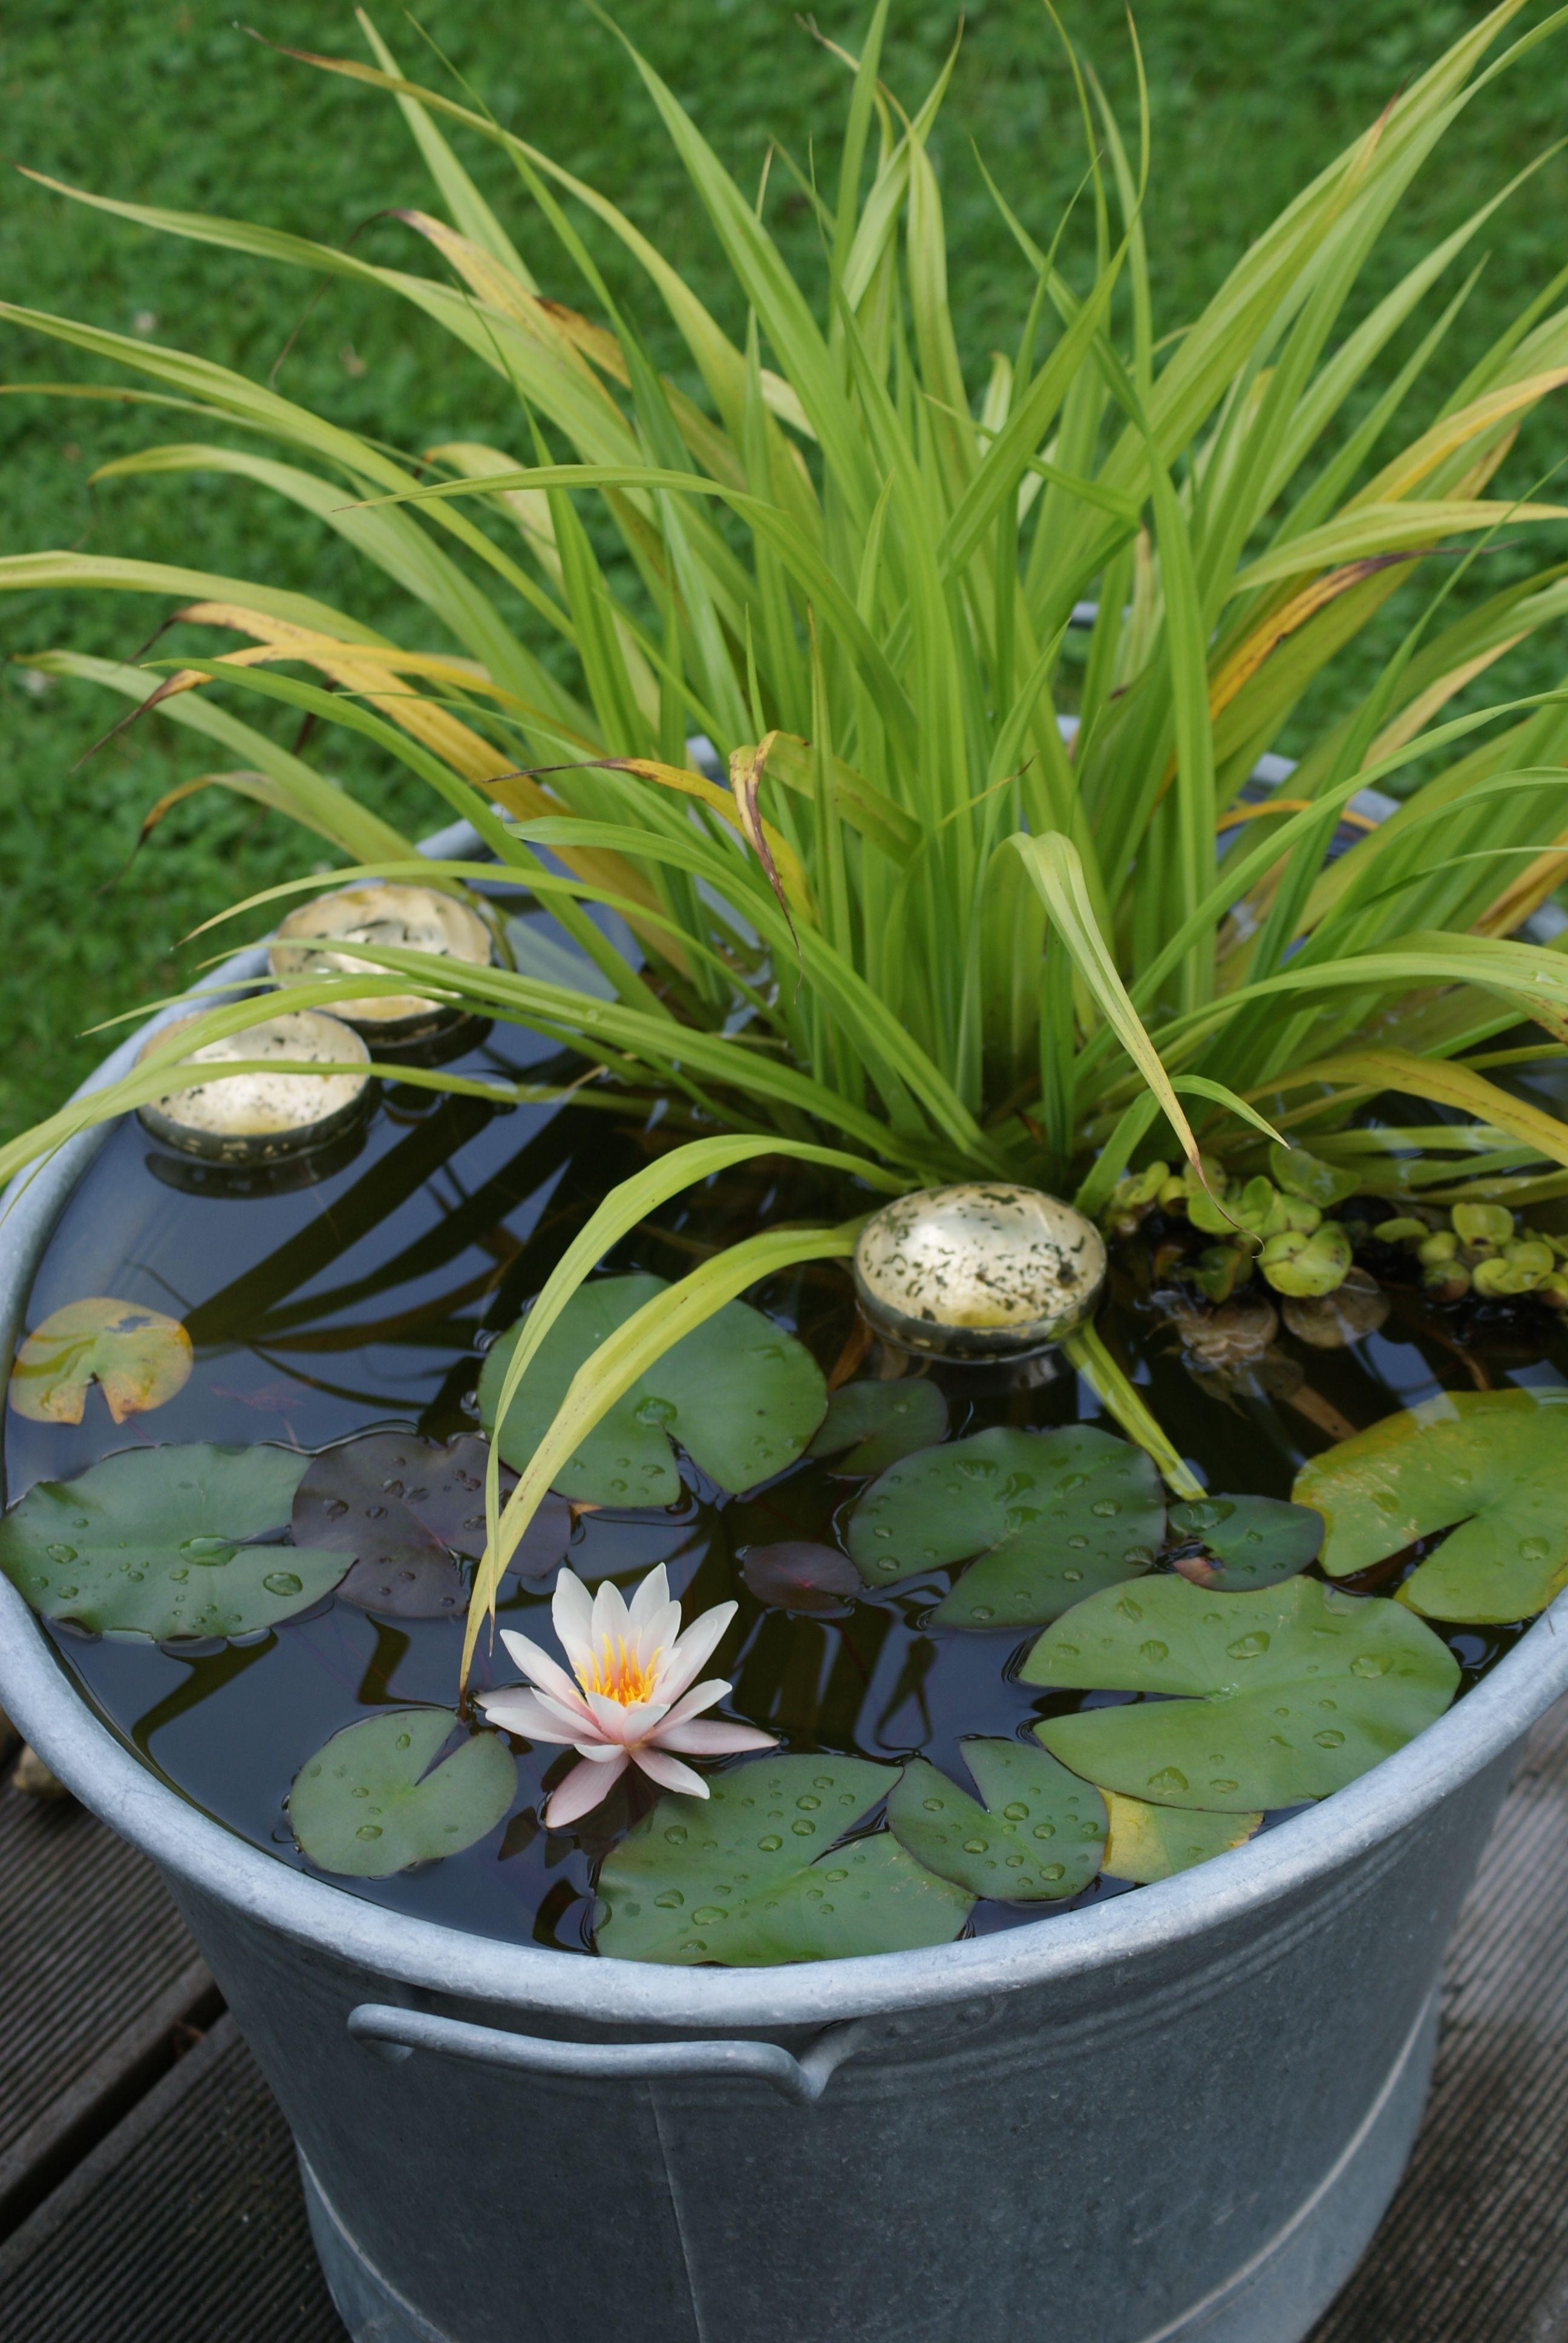 Kleiner teich blumen pflanzen garten garten teich und miniteich - Kleiner springbrunnen garten ...